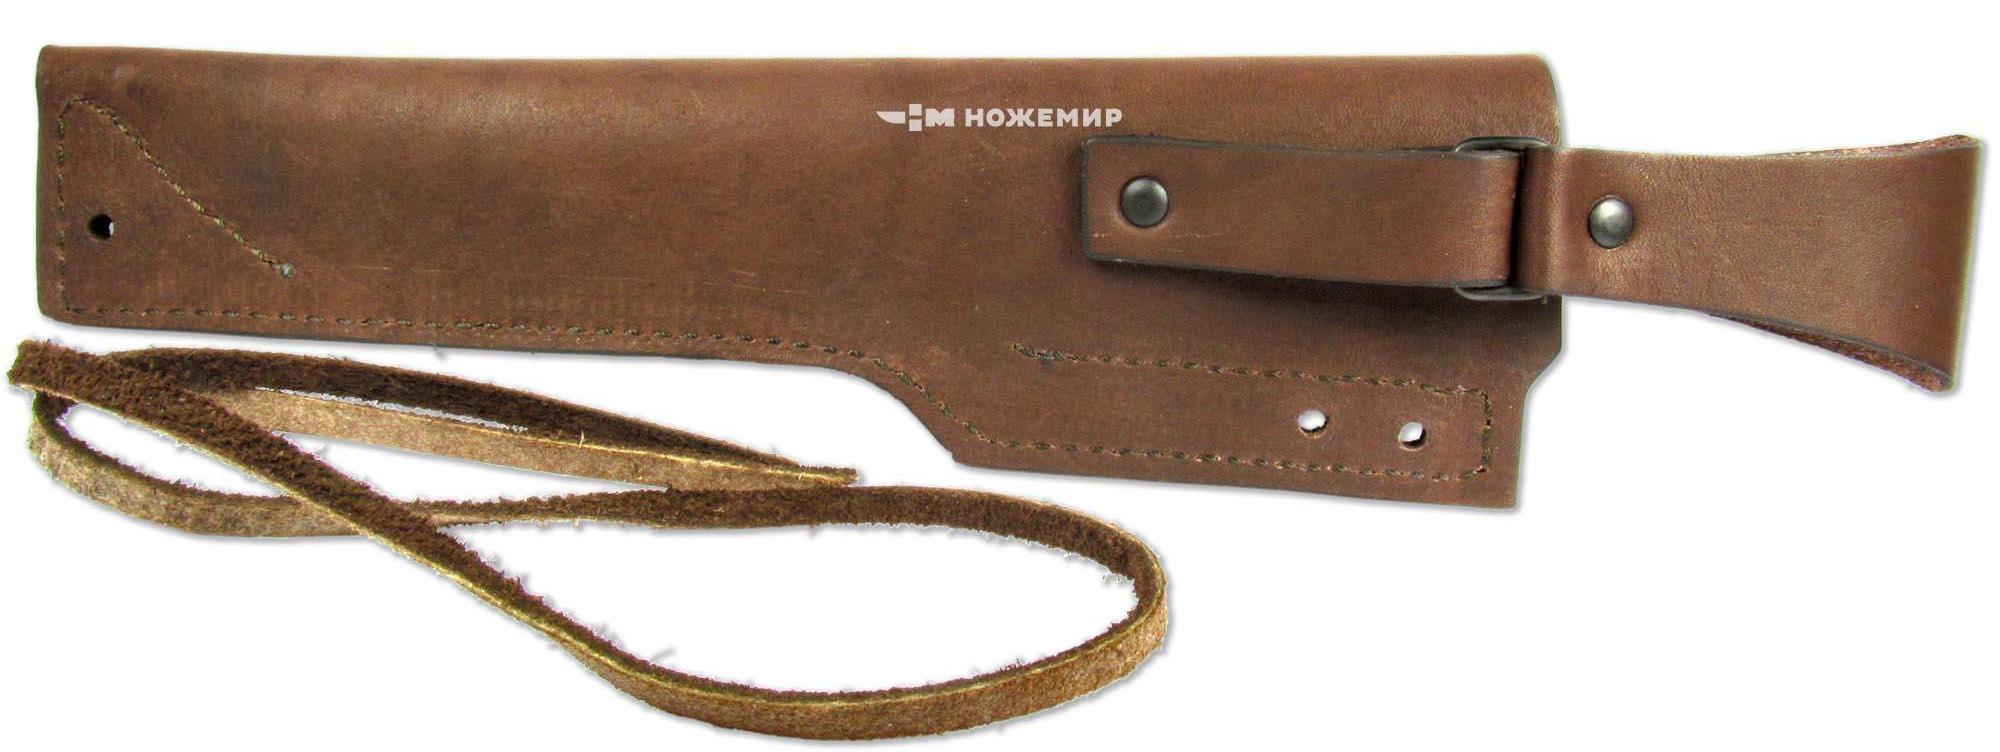 Чехол для нескладного ножа Ножемир, цвет: коричневый. Чехол №15(п)к